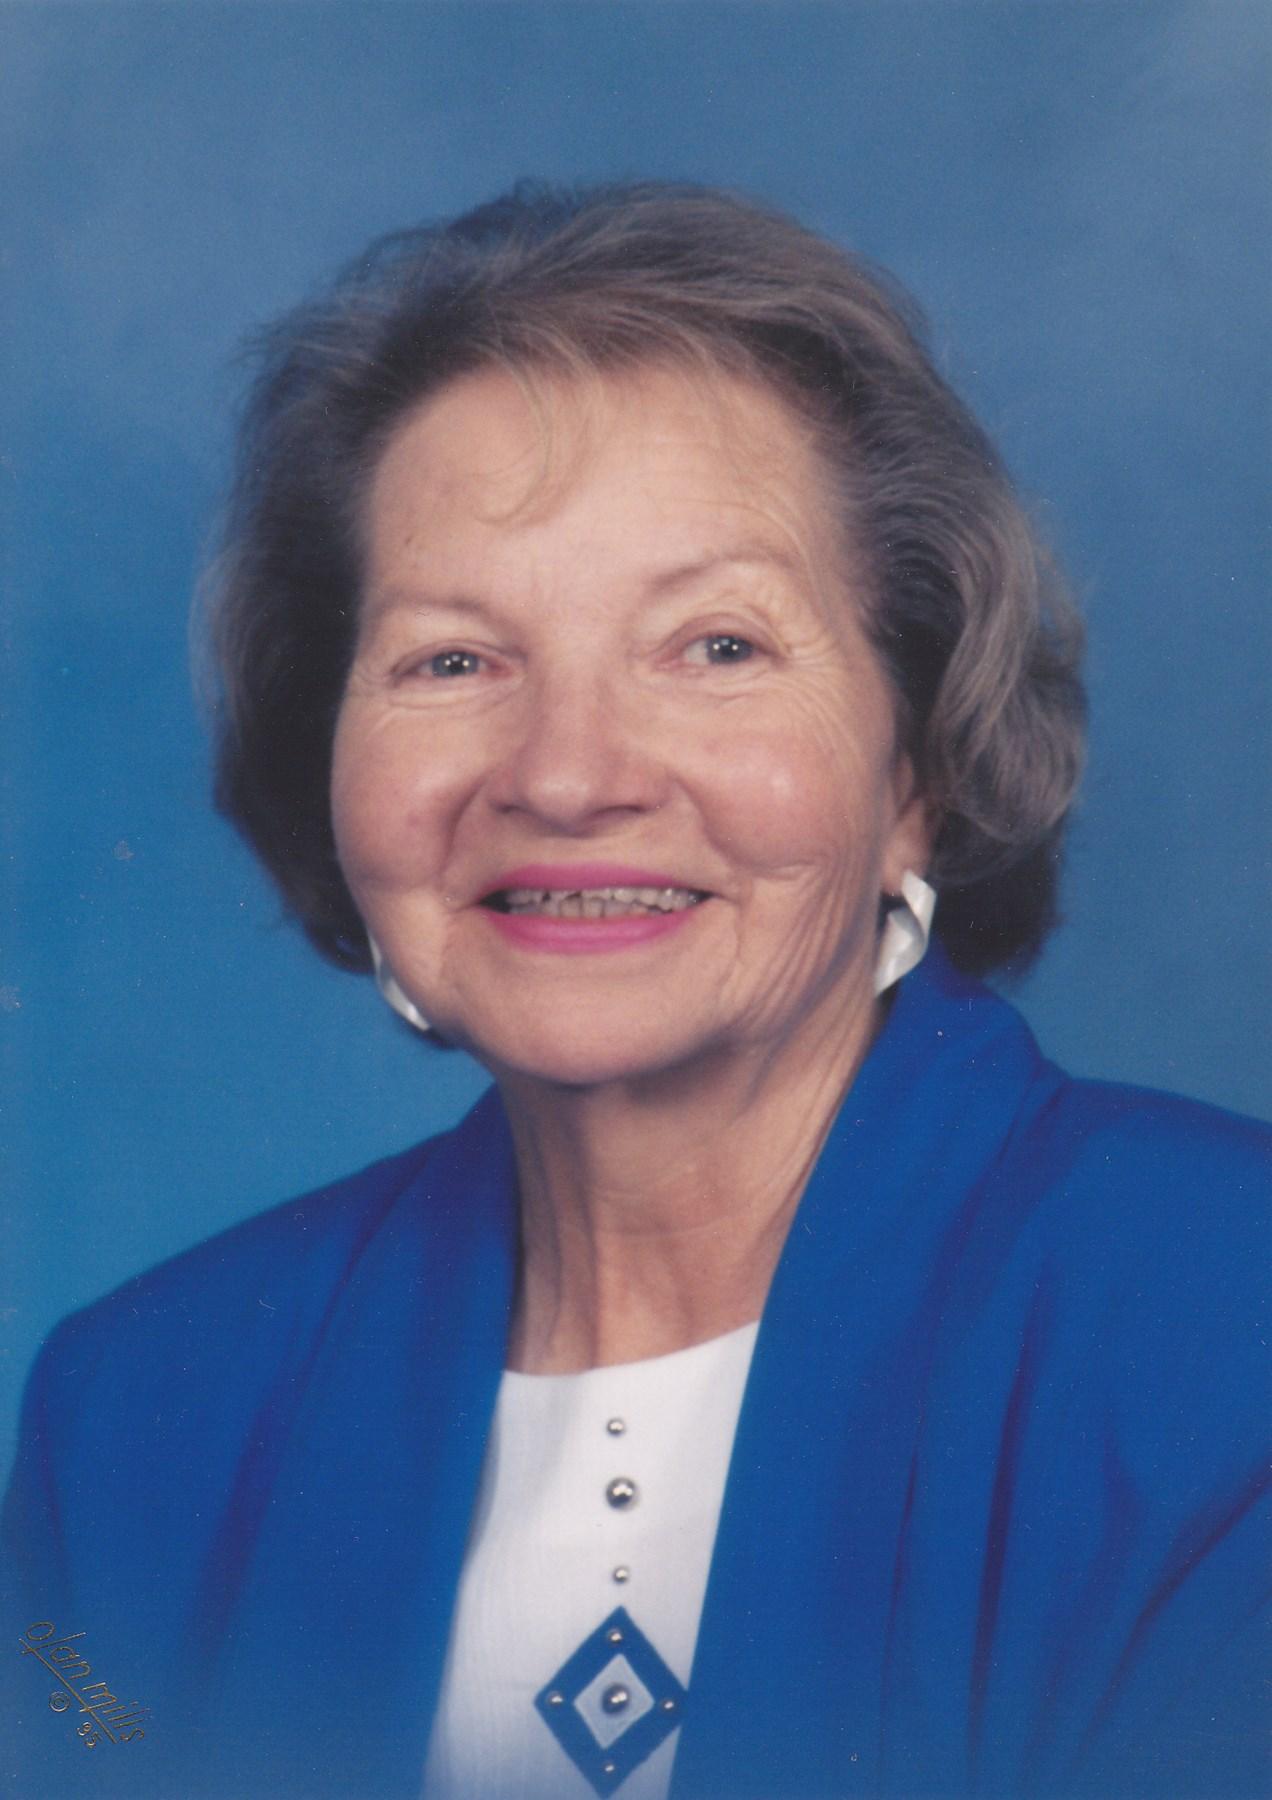 Mariko Nishina